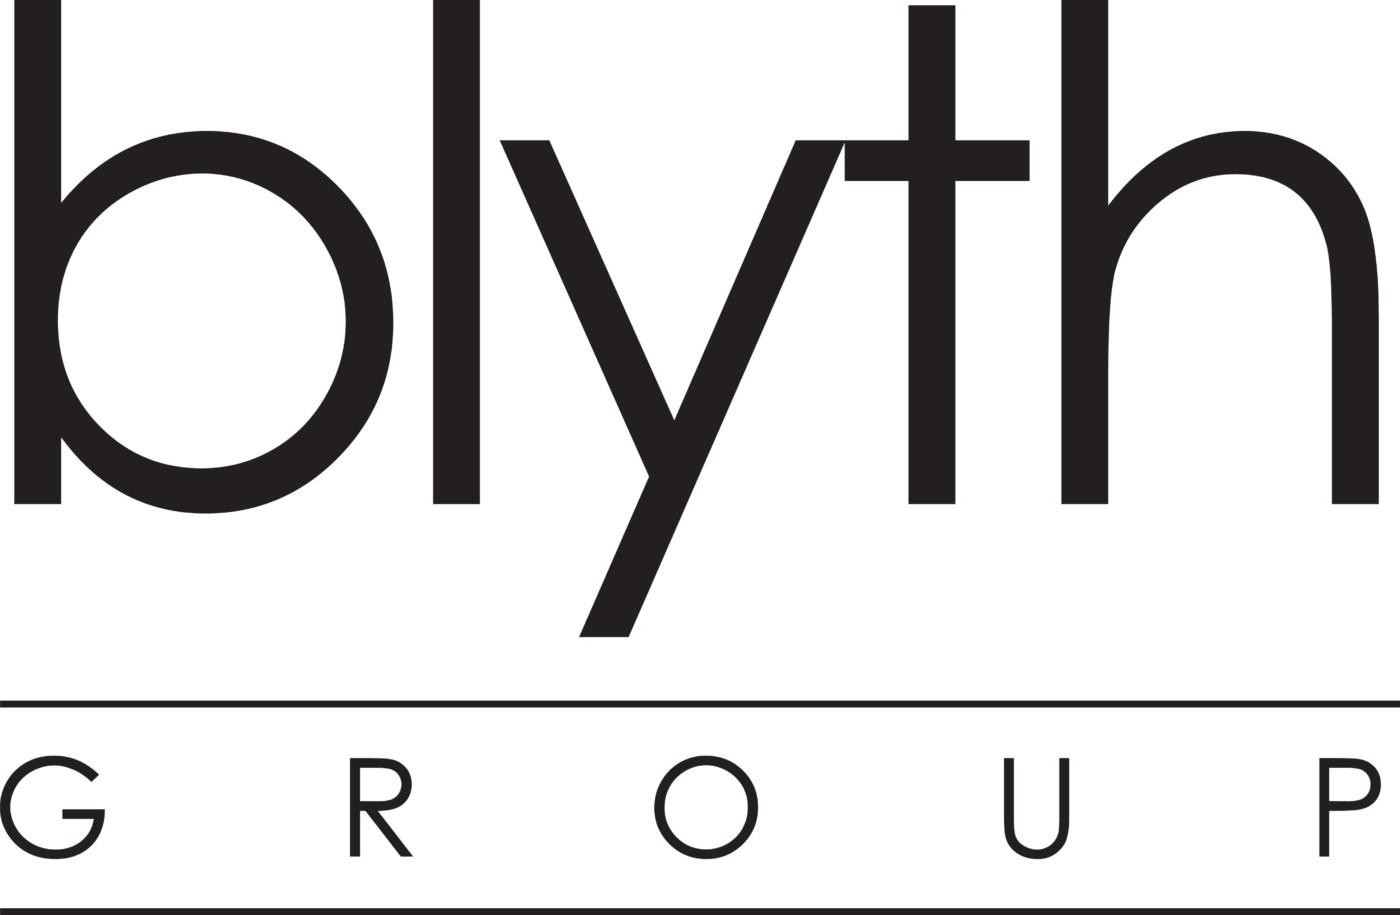 BK-Blyth Group - Strapline